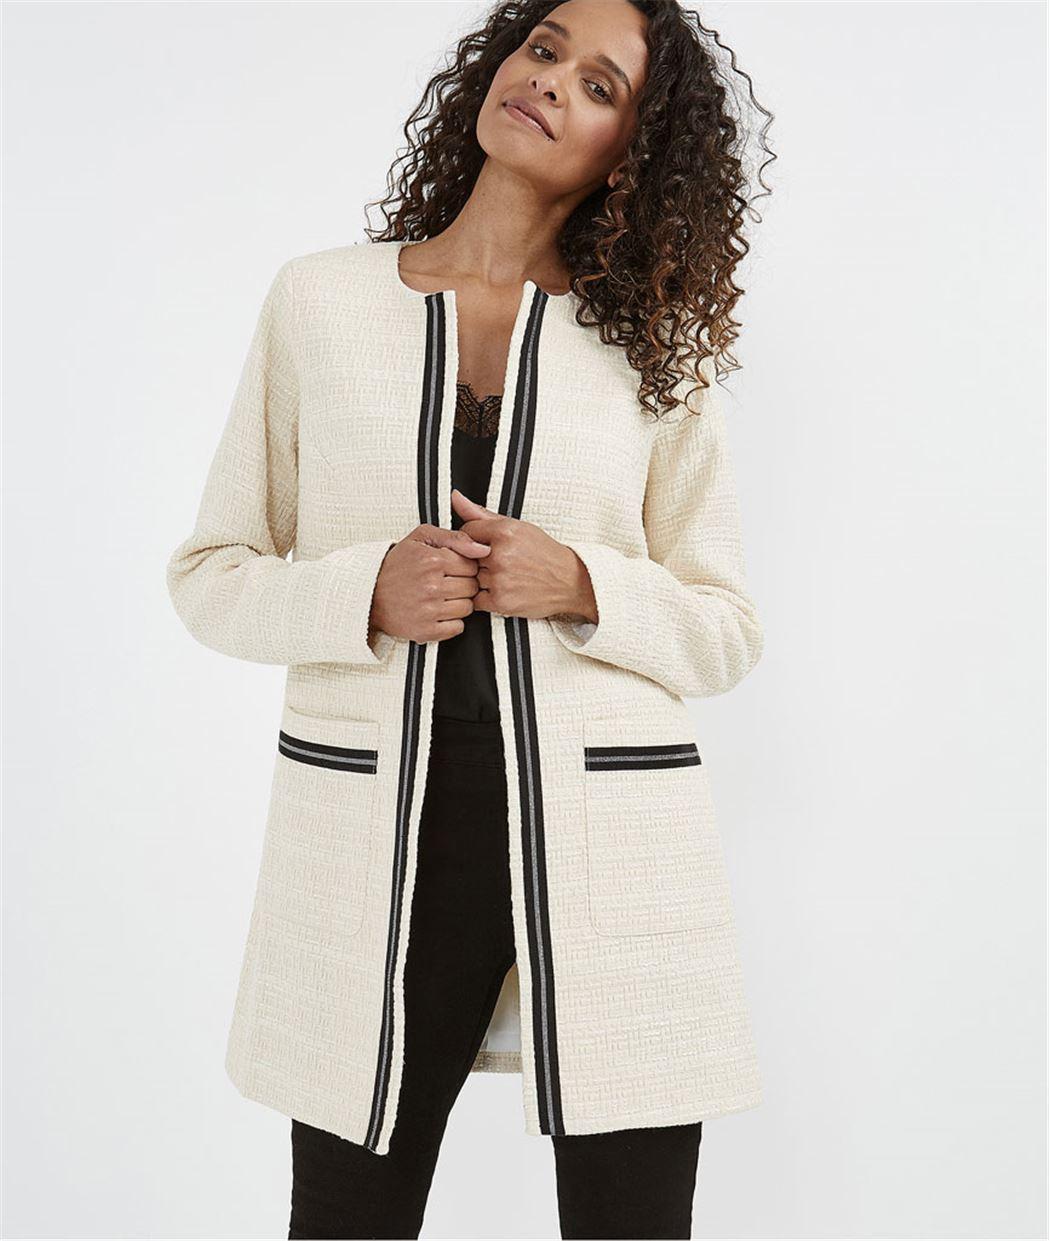 Manteau femme habillé noir et blanc ECRU